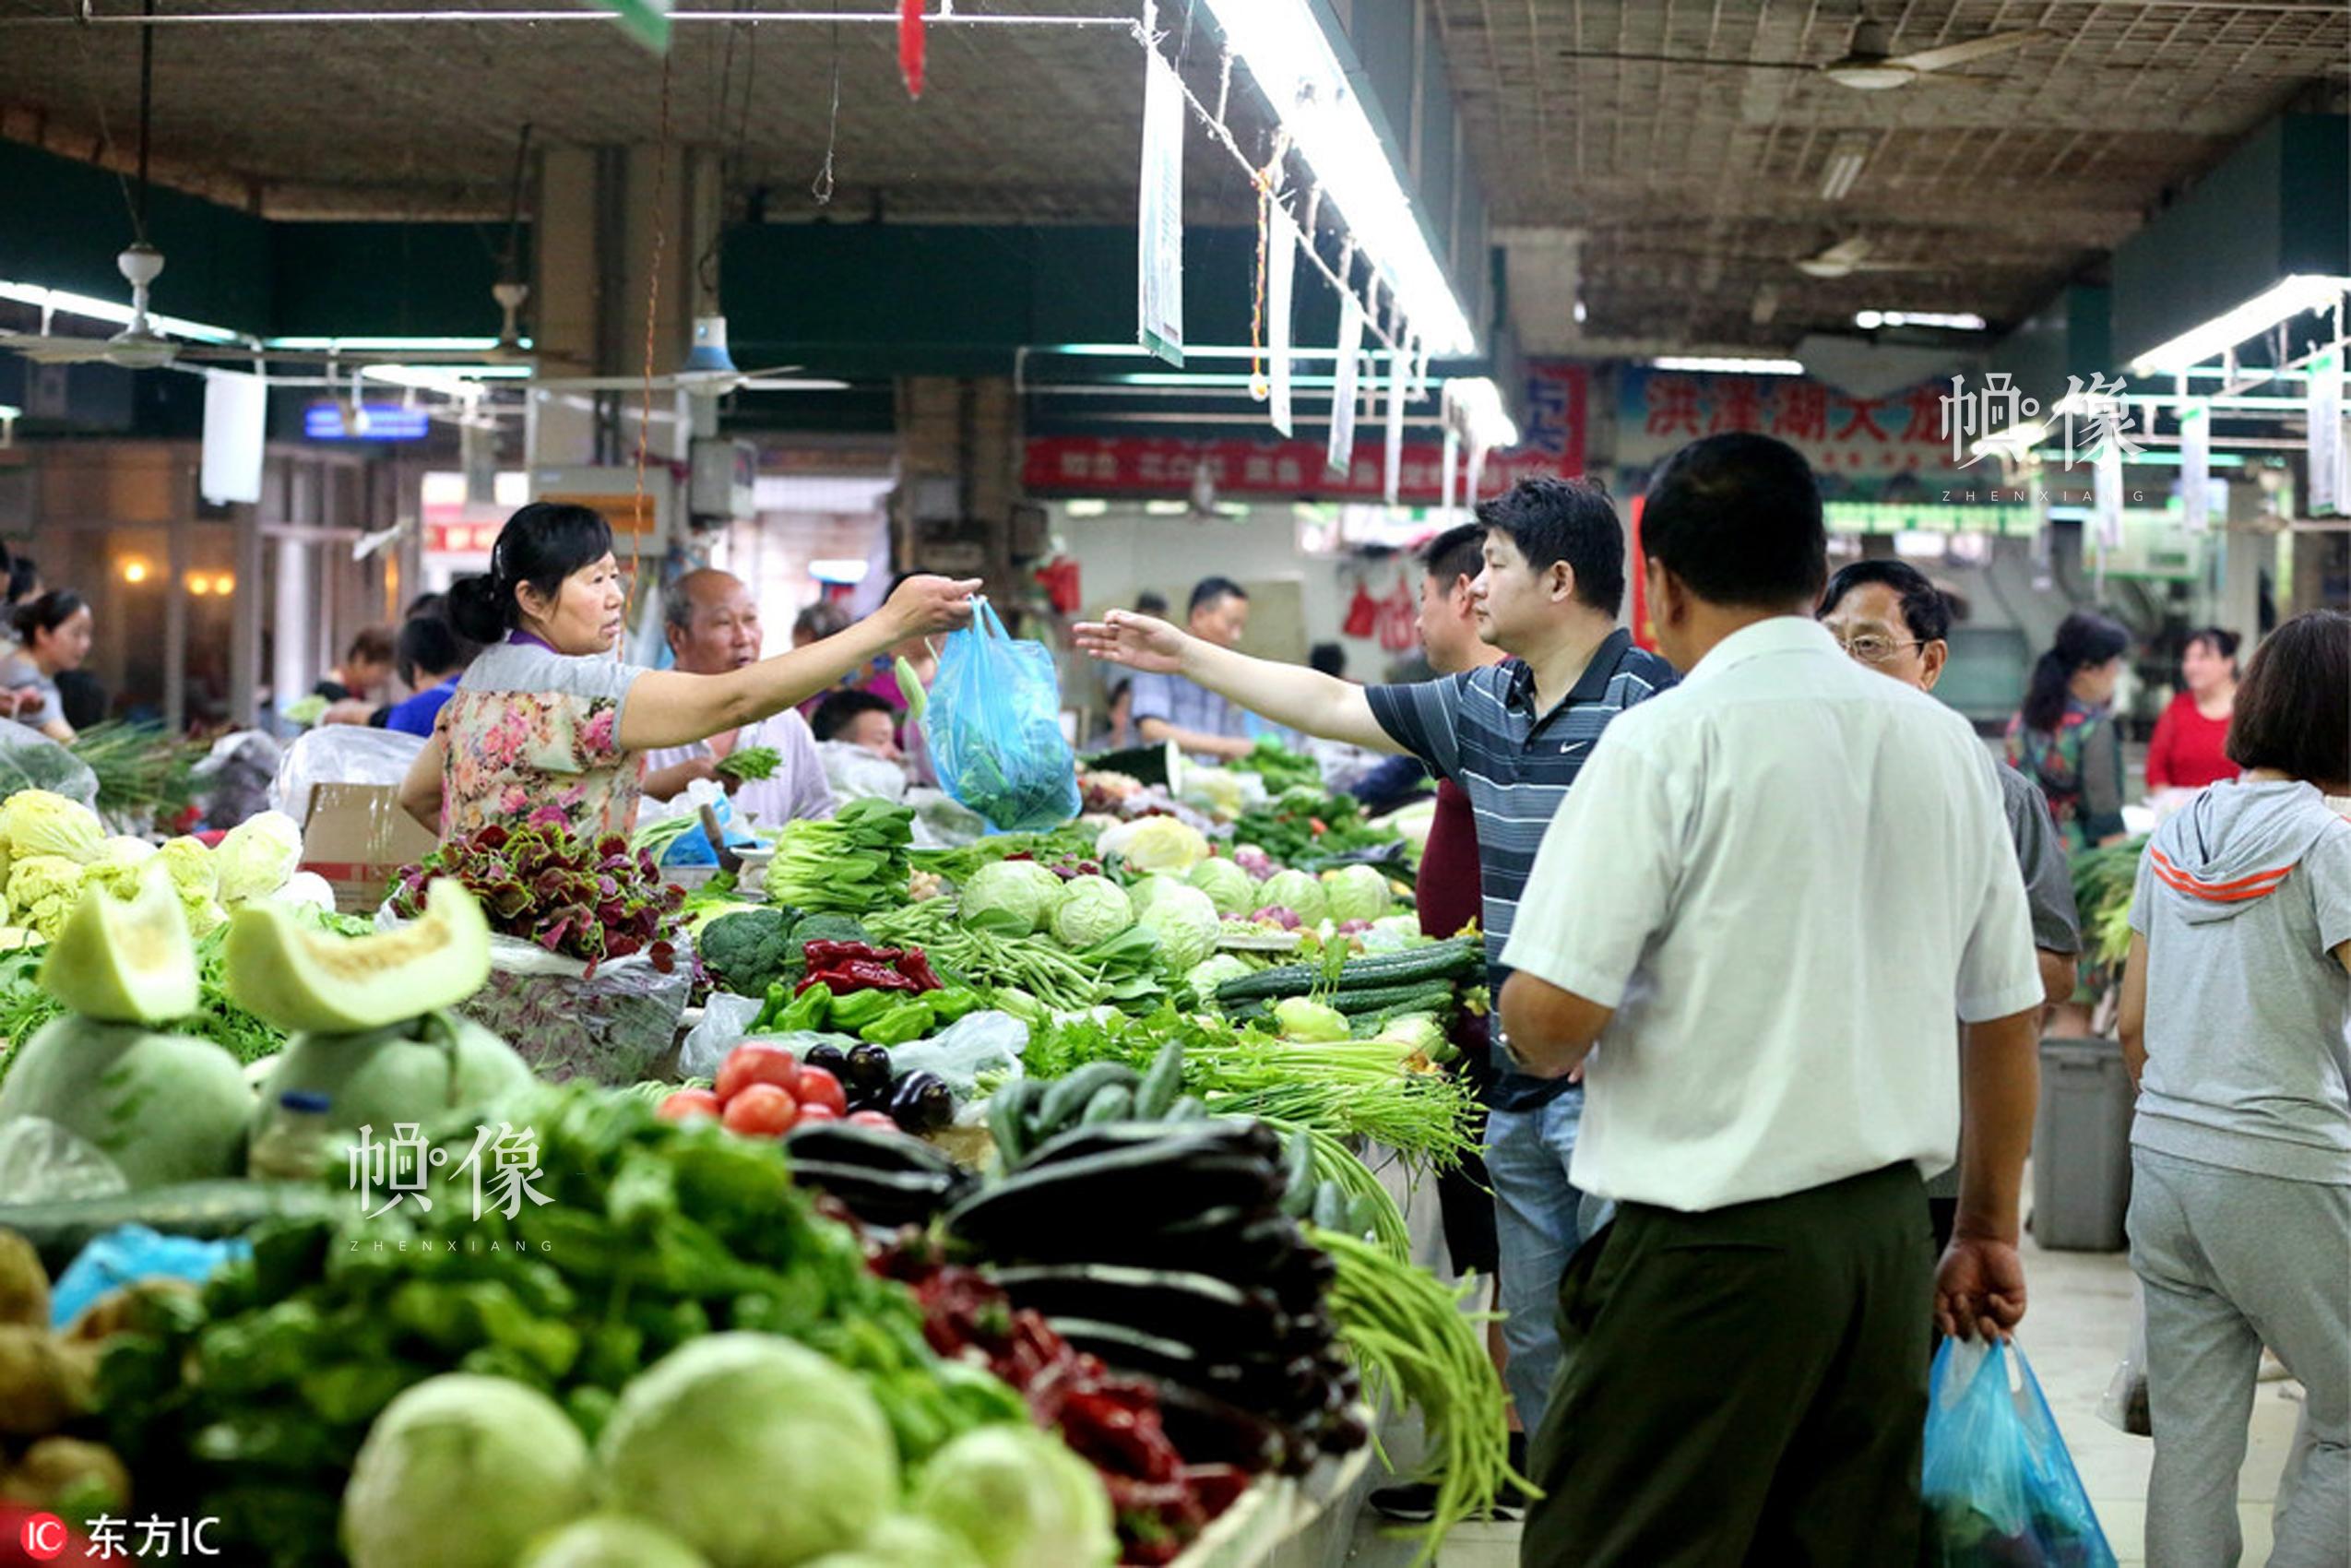 2017年6月10日,江苏淮安市区一繁忙的菜市场。张照久 东方IC